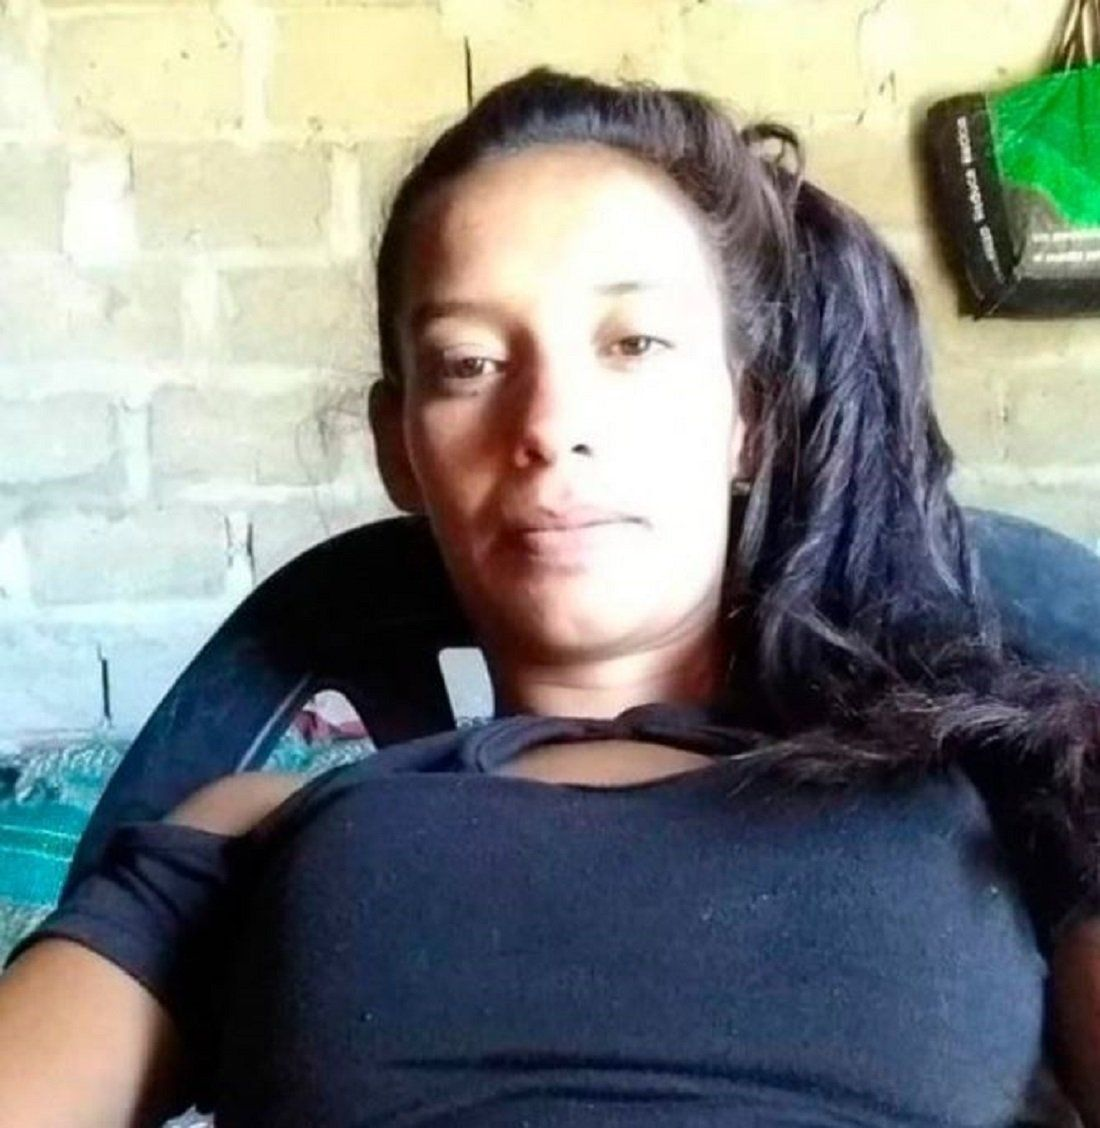 Otro femicidio: una joven fue asesinada por su ex delante de su hija en Entre Ríos